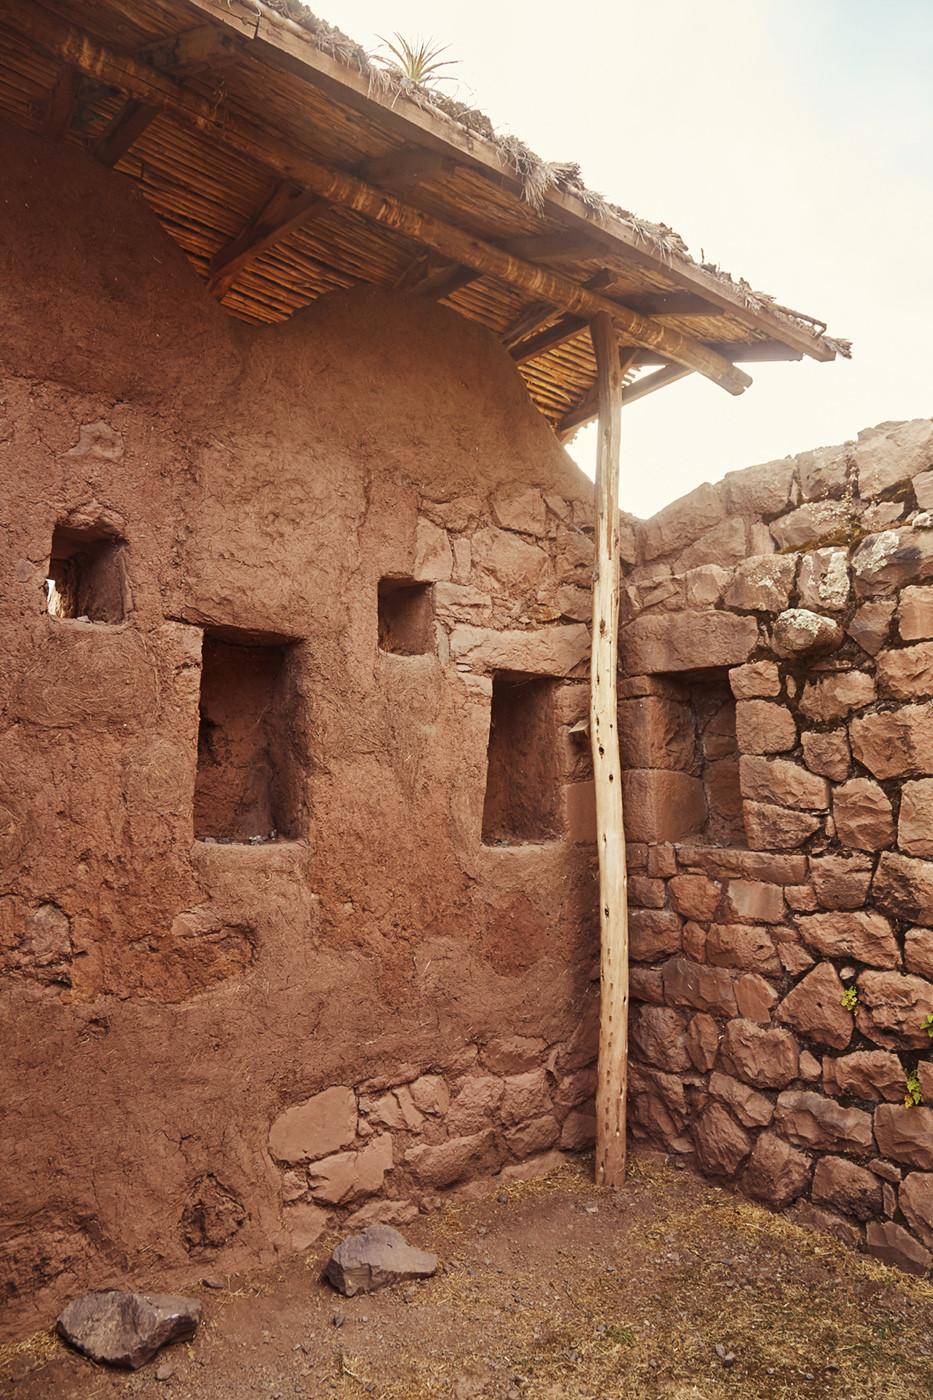 In den Ruinen von Pisac sieht man gut erhaltene Inka Ruinen, wie dieses Haus, wo man rechts noch die Balken erkennen kann, an denen Schnüre zur Schriftführung befestigt waren